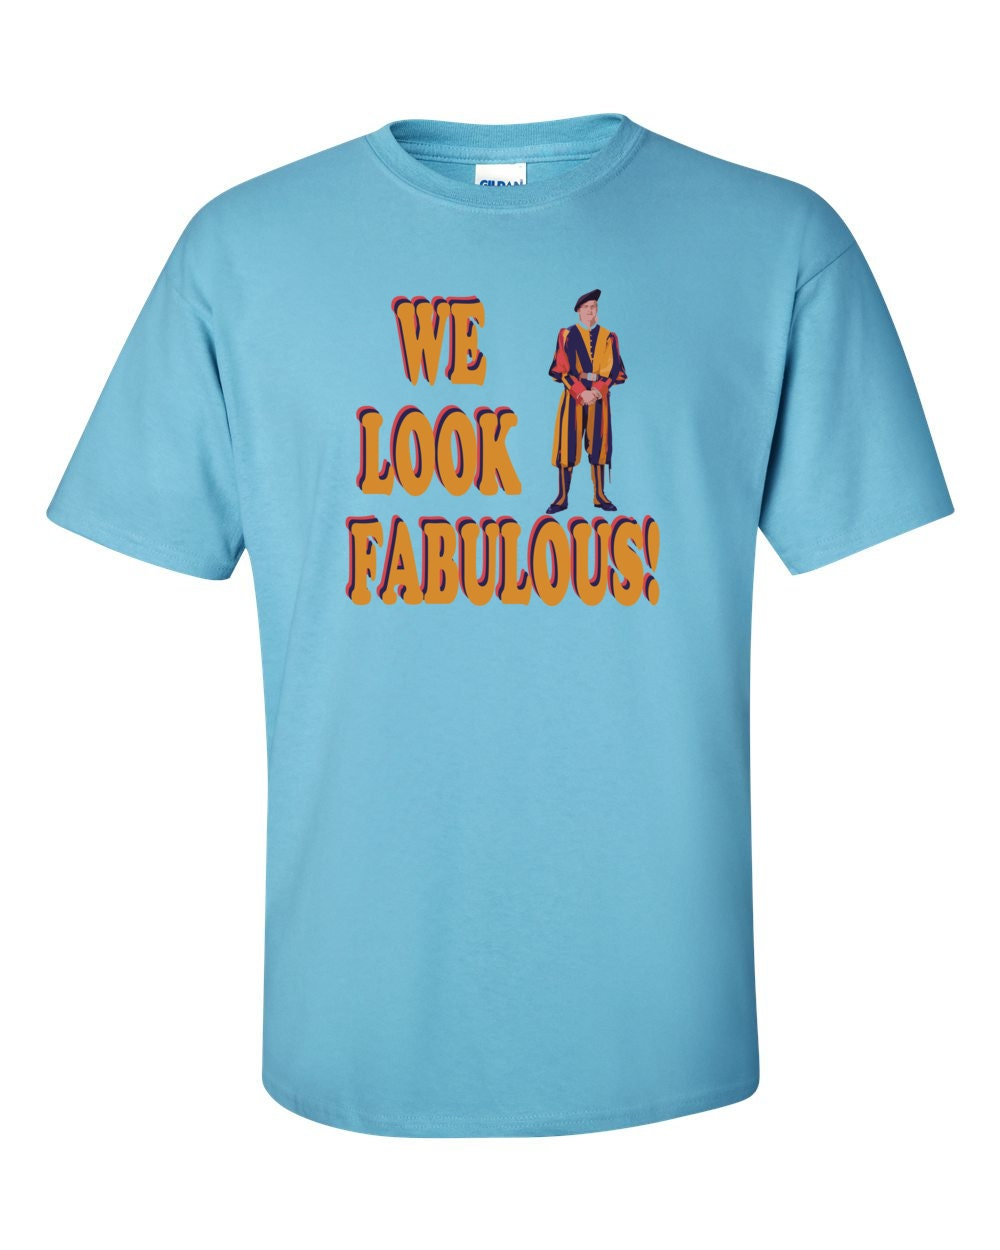 Swiss Guard T-shirt - We Look Fabulous - Swiss Guard T-shirt